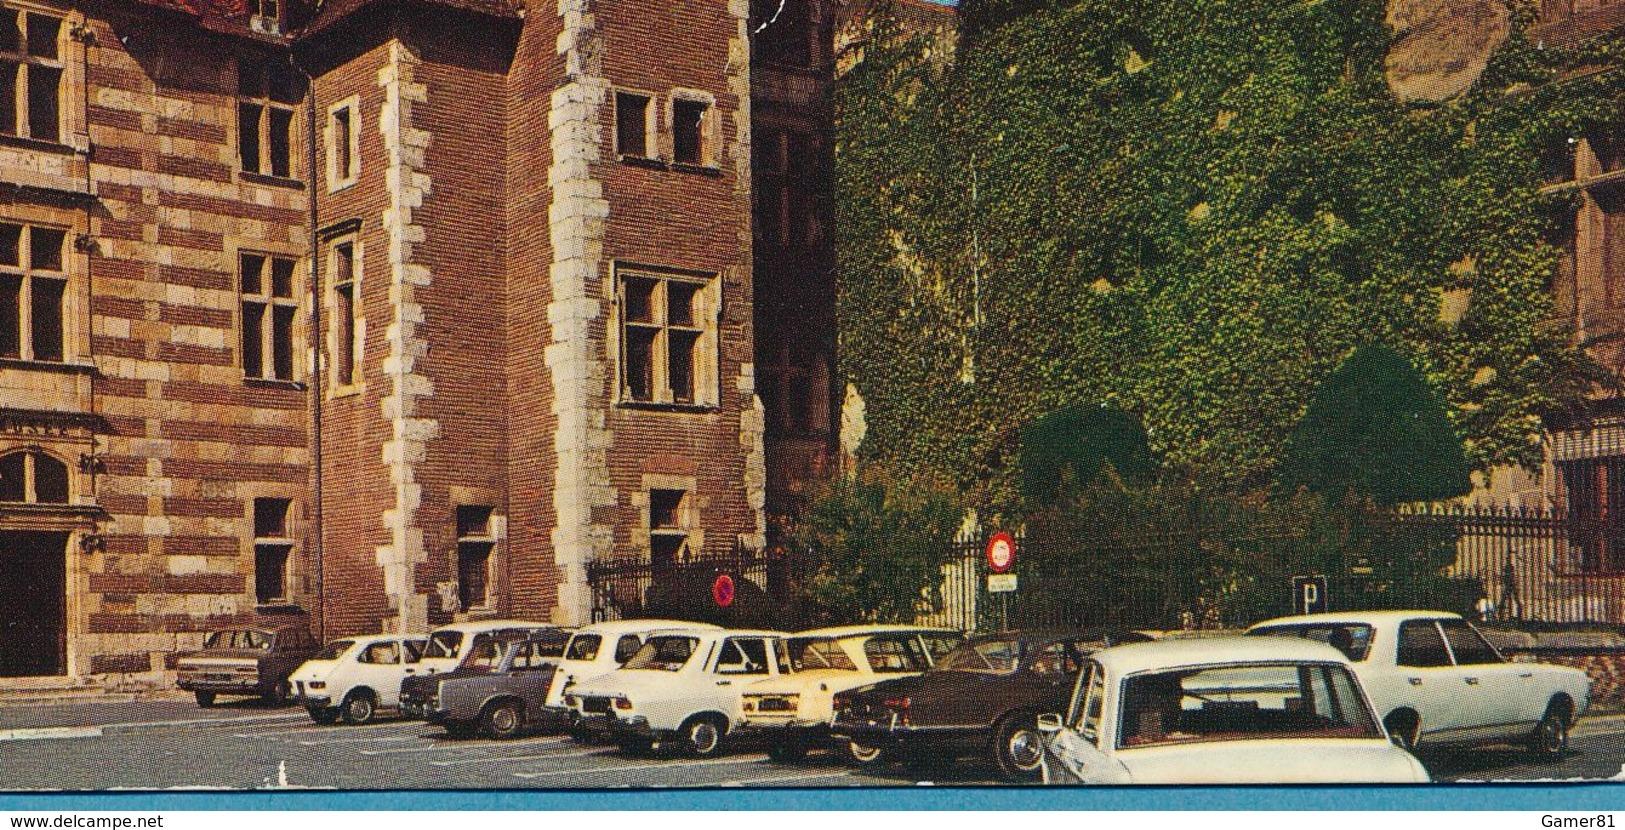 Ford 15M P6 Fiat 127 Simca 1500 Renault 4L R12 Citroen AMI 6 Jaguar XJ6 Opel Rekord C Peugeot 204 - Passenger Cars